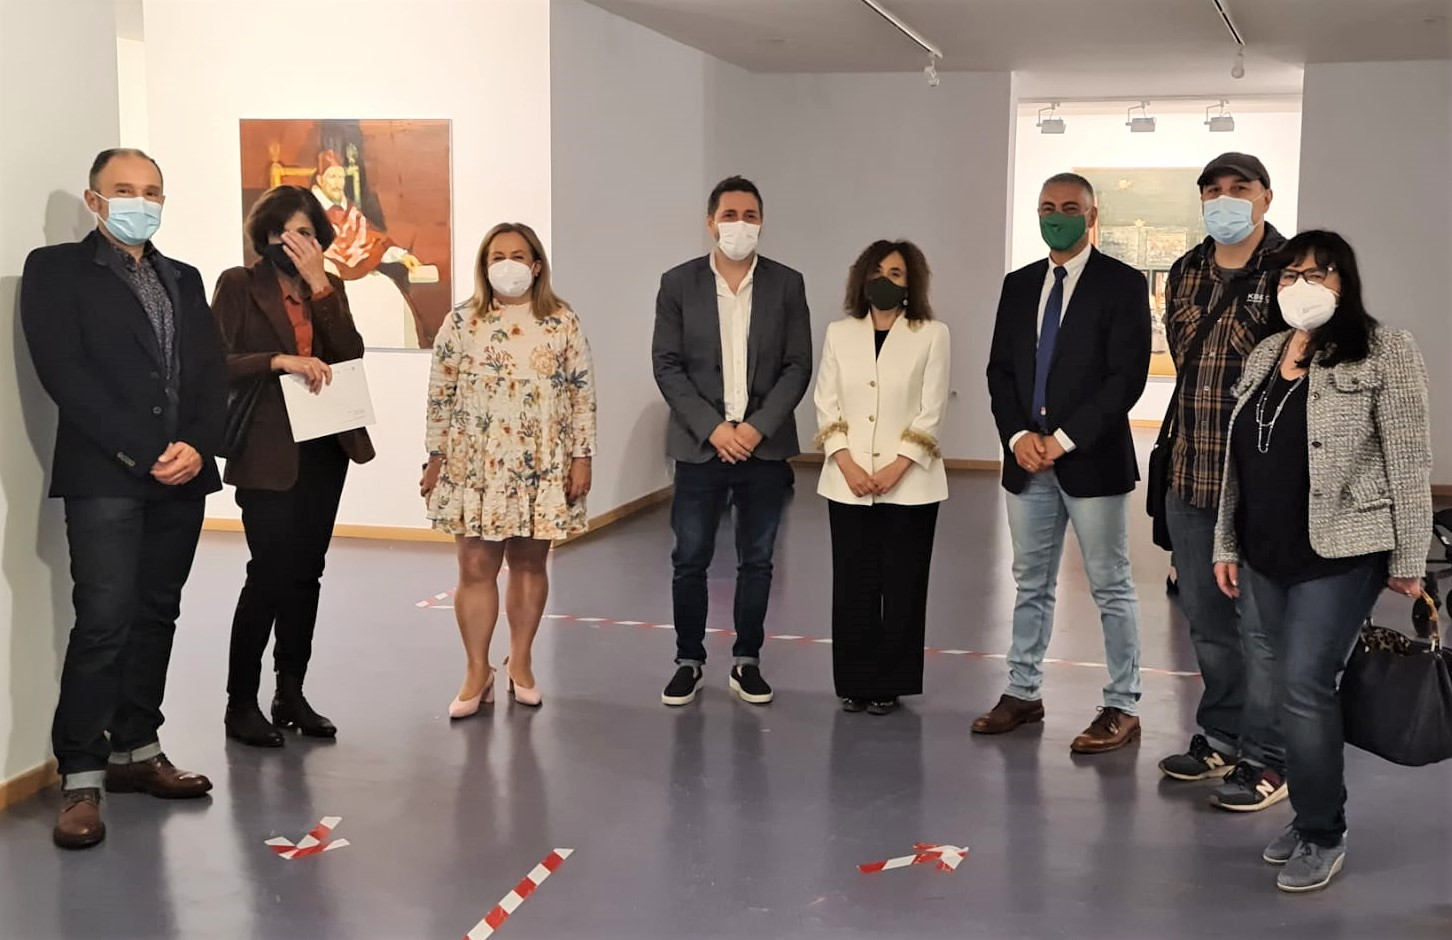 Exposición 'SECUENCIAS' Del pintor Miguel Ángel Pérez Uría en el campus de la Universidad 1